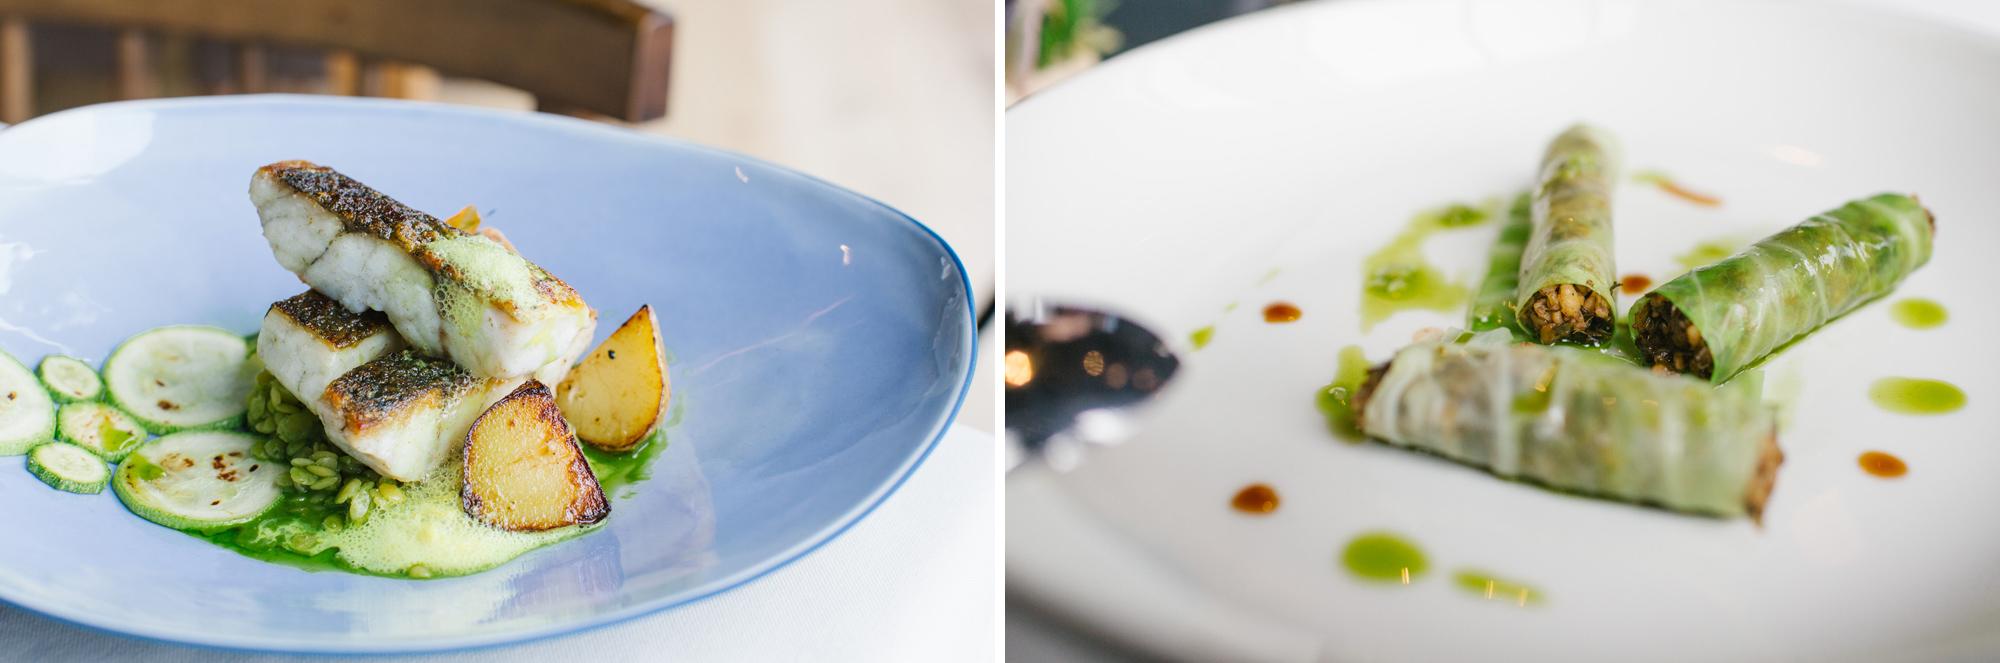 Istanbul_Neolokal_Restaurant-AudiMagazine-FinnBeales-04.jpg